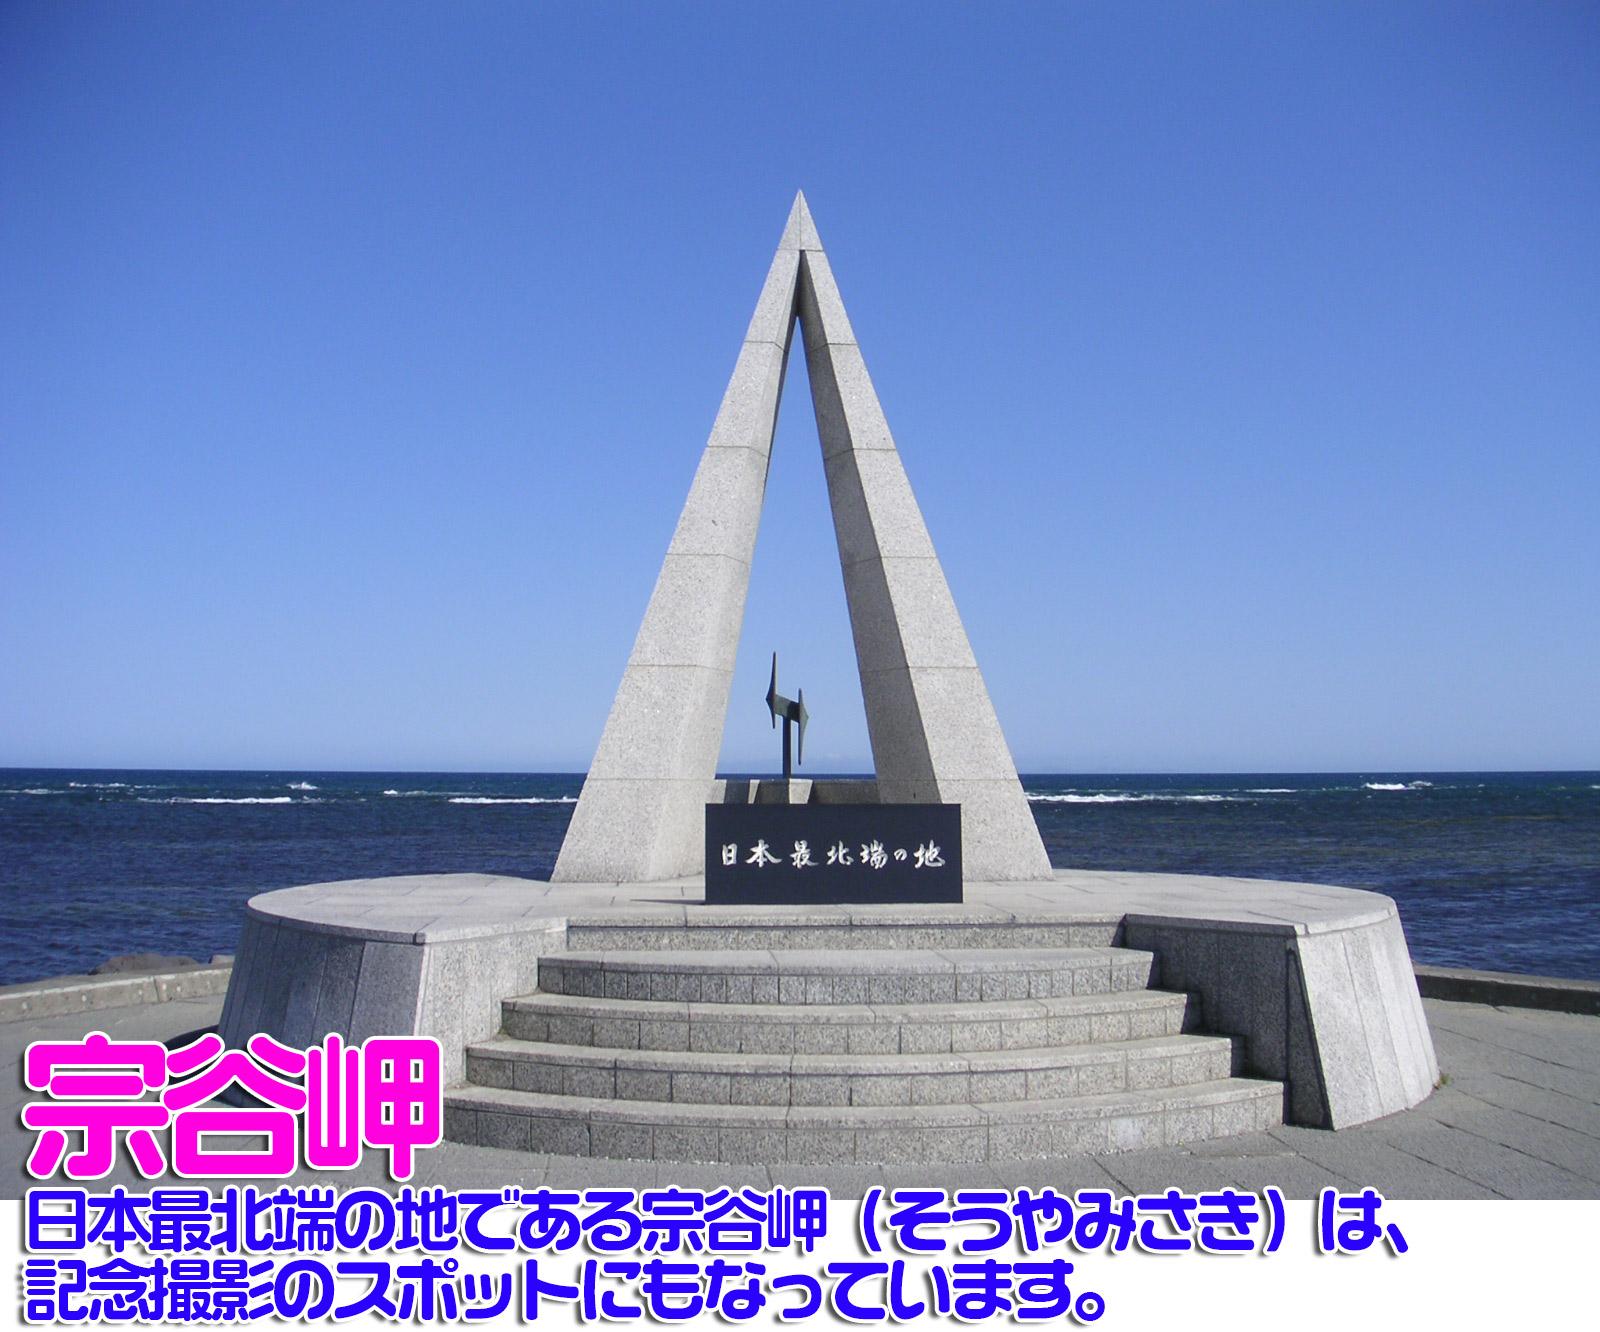 日本最北端の宗谷岬は記念写真のスポットにもなっています。